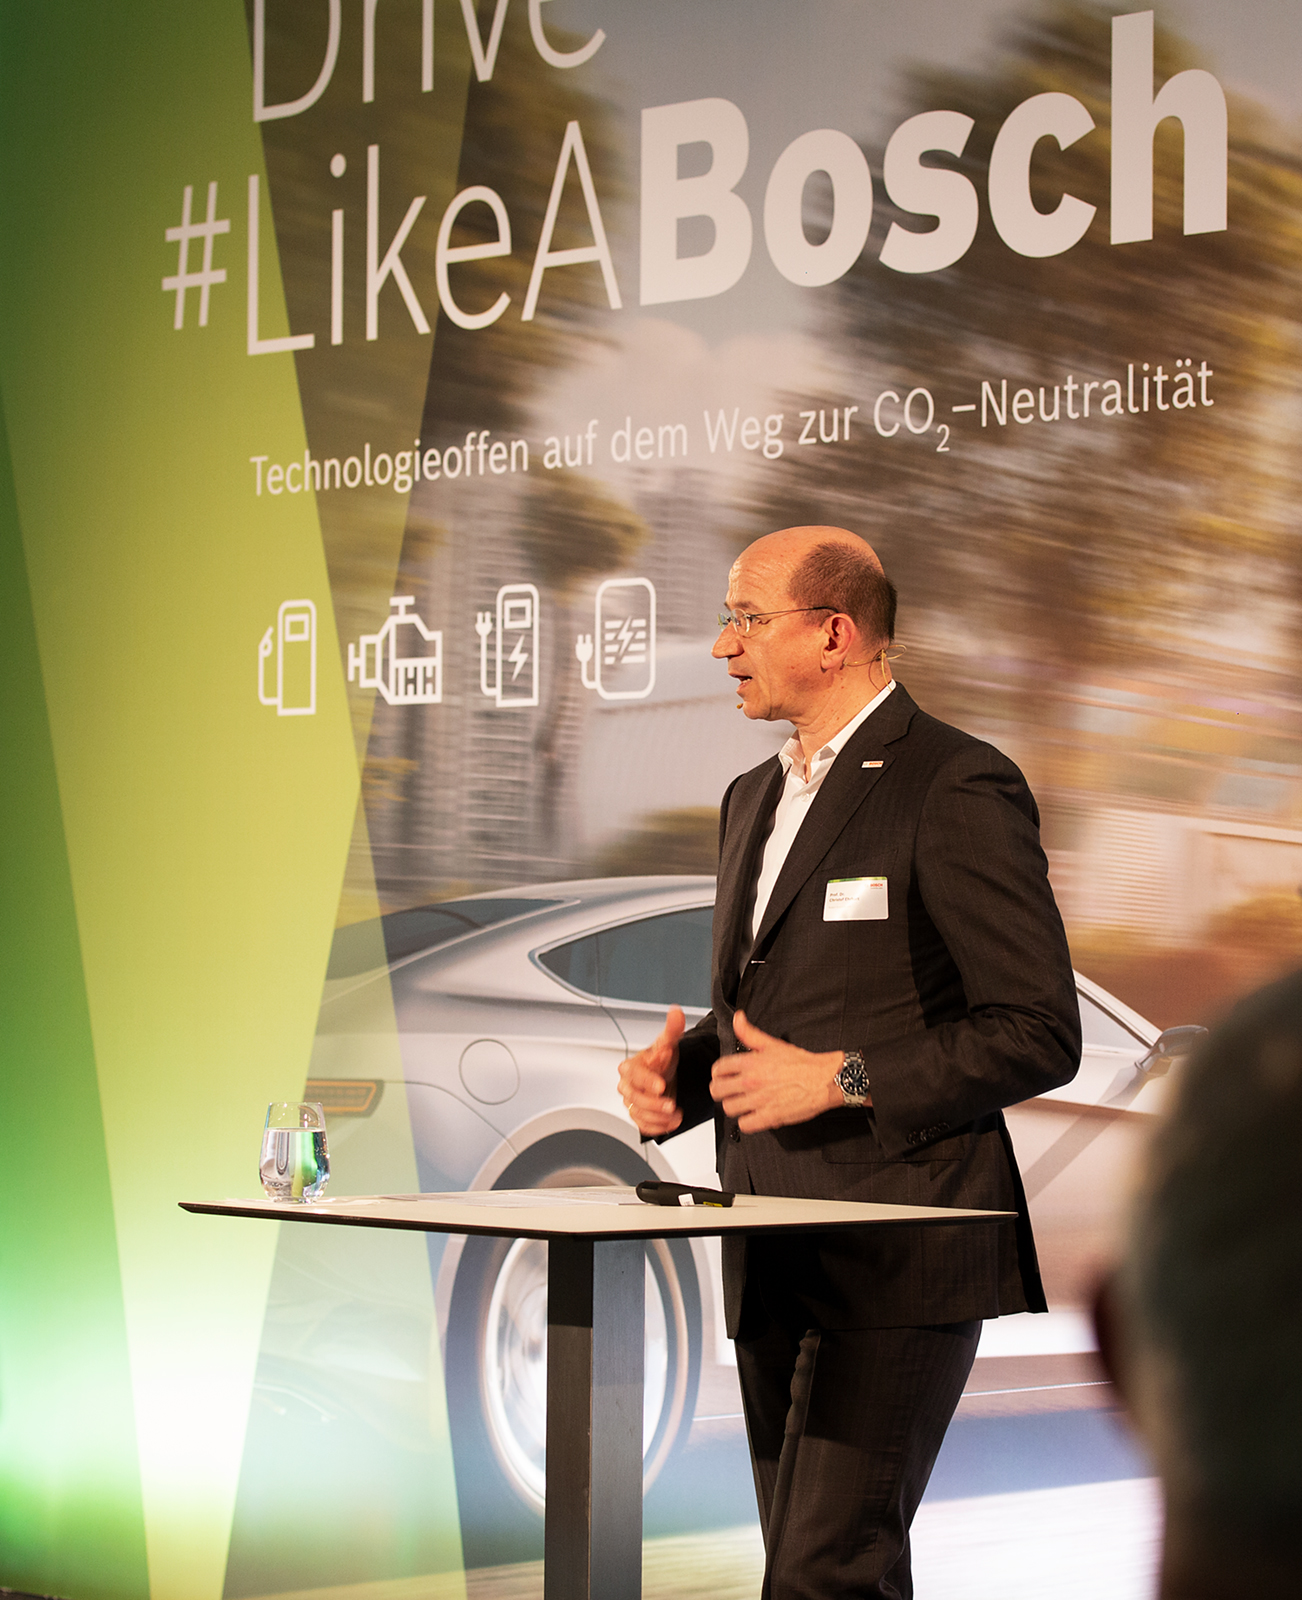 bosch_29-01-20-3079